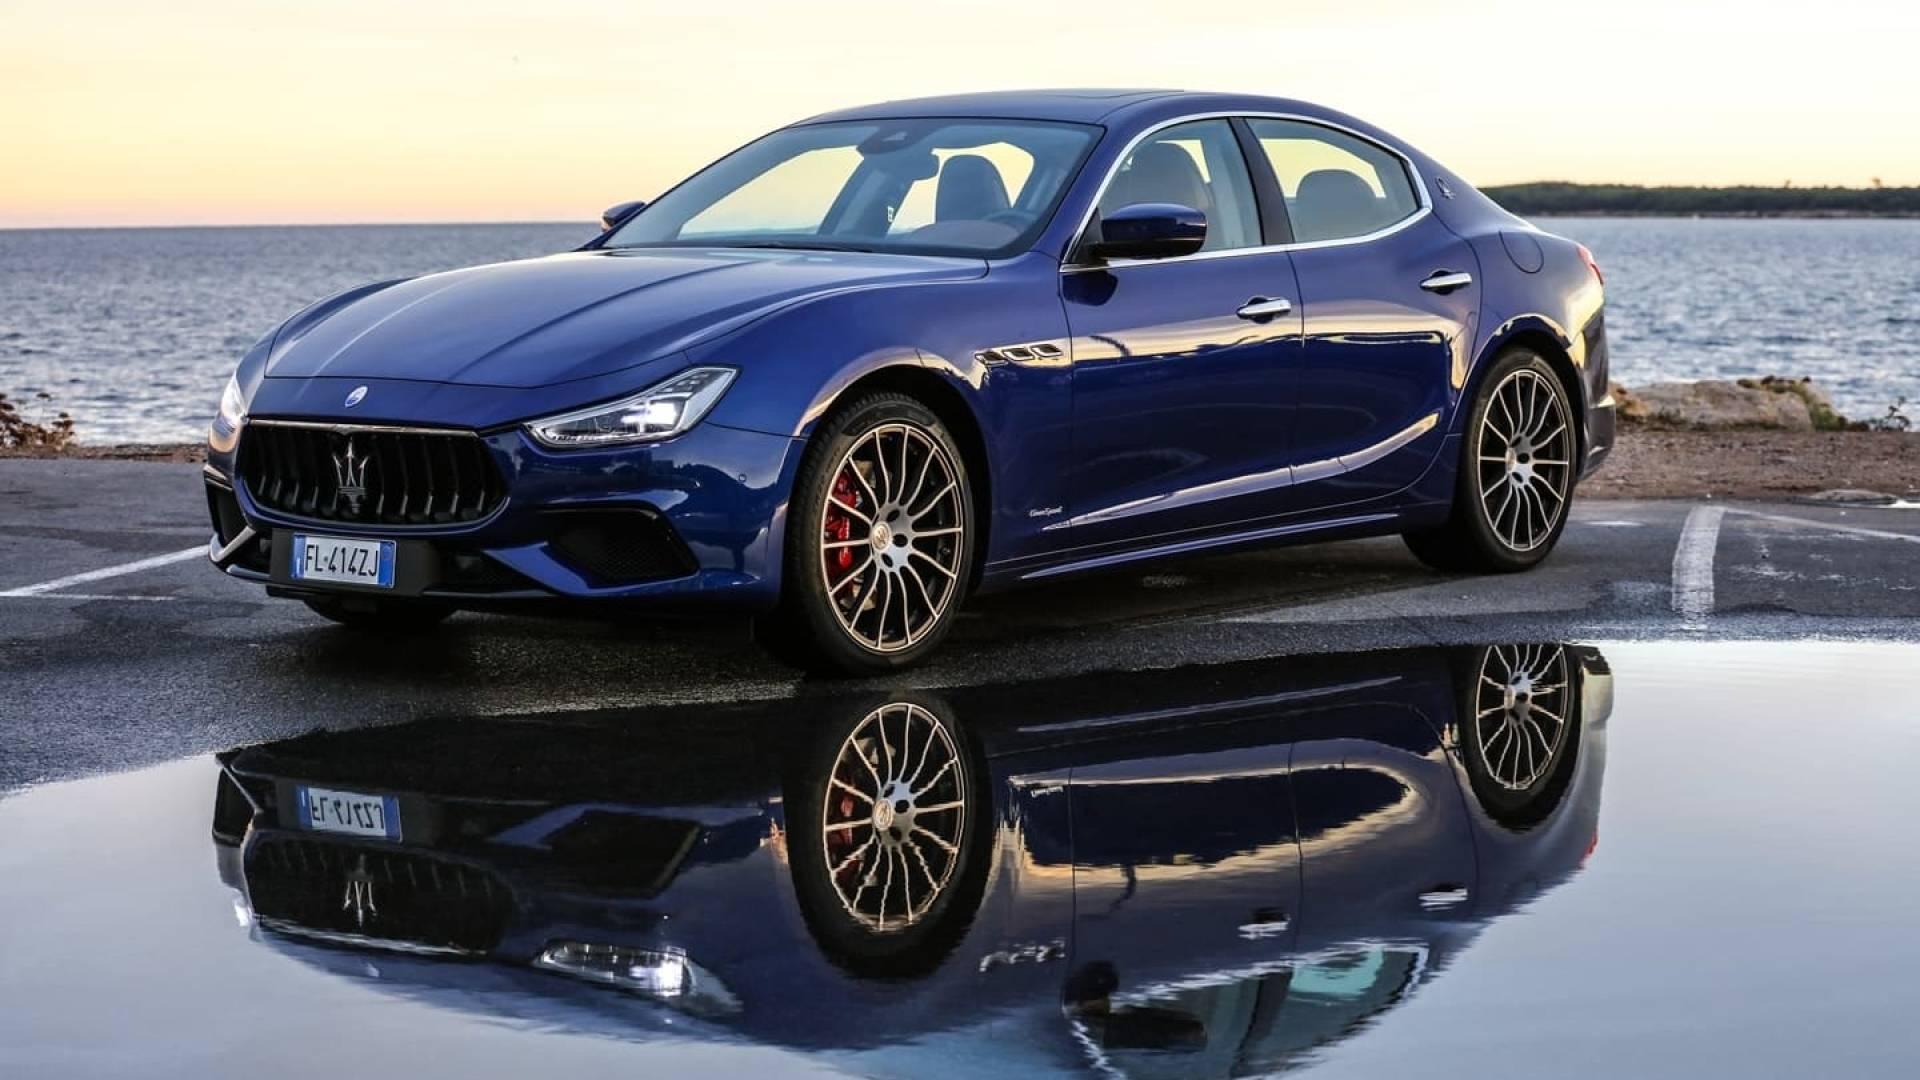 Maserati no lanzará vehículos de menor tamaño que los Levante y Ghibli